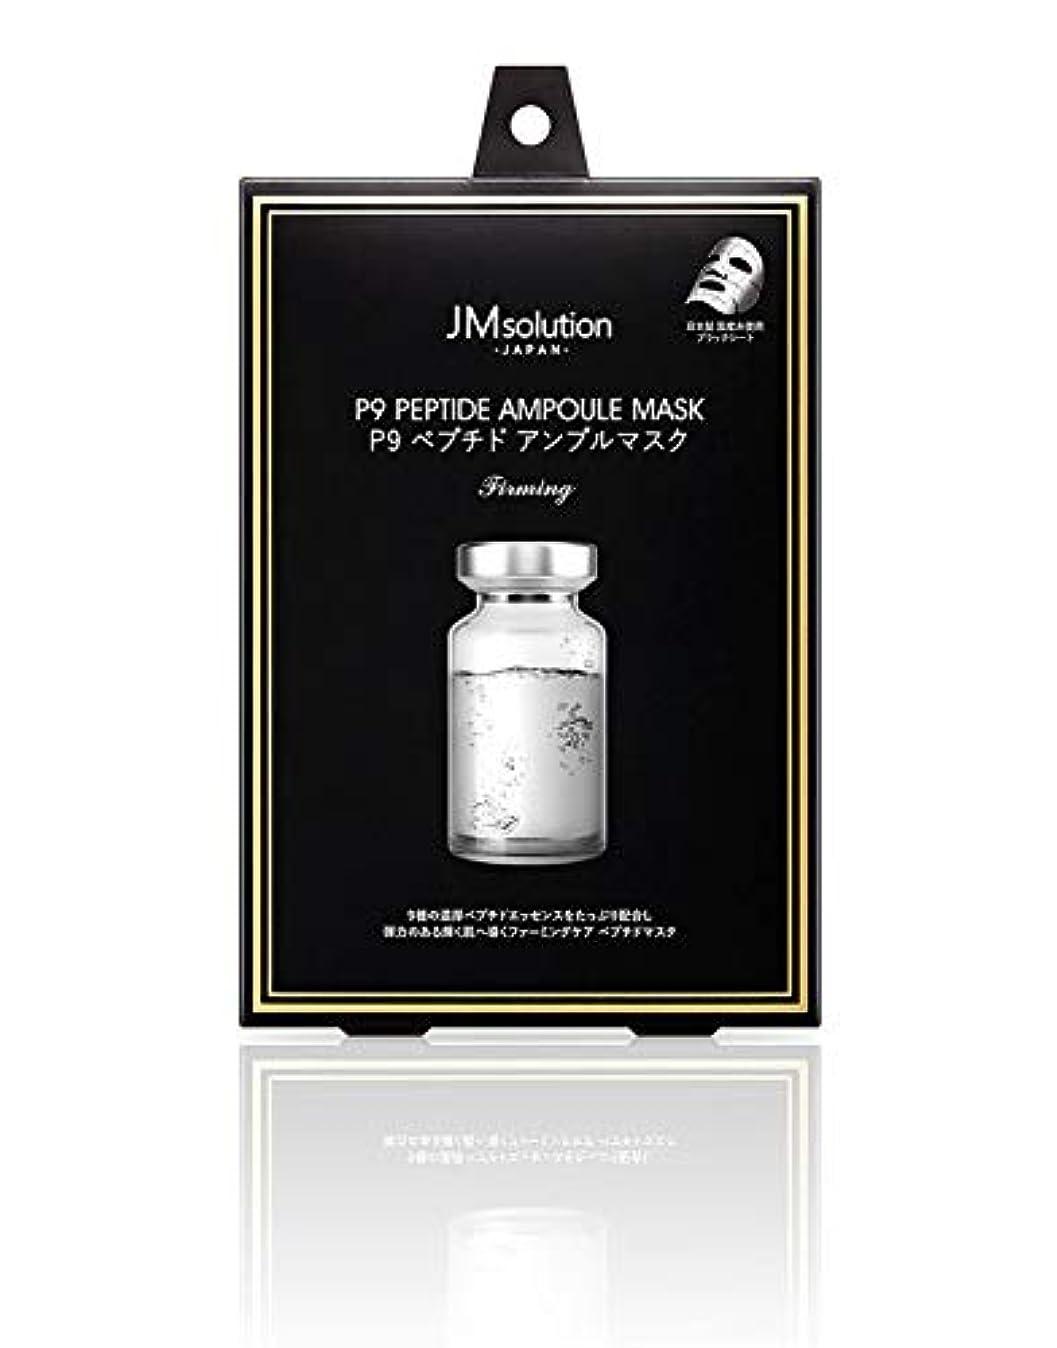 トロリー縁石カスタムJMsolution P9 ペプチド アンプルマスク ファーミング 30g×5枚(箱入り)